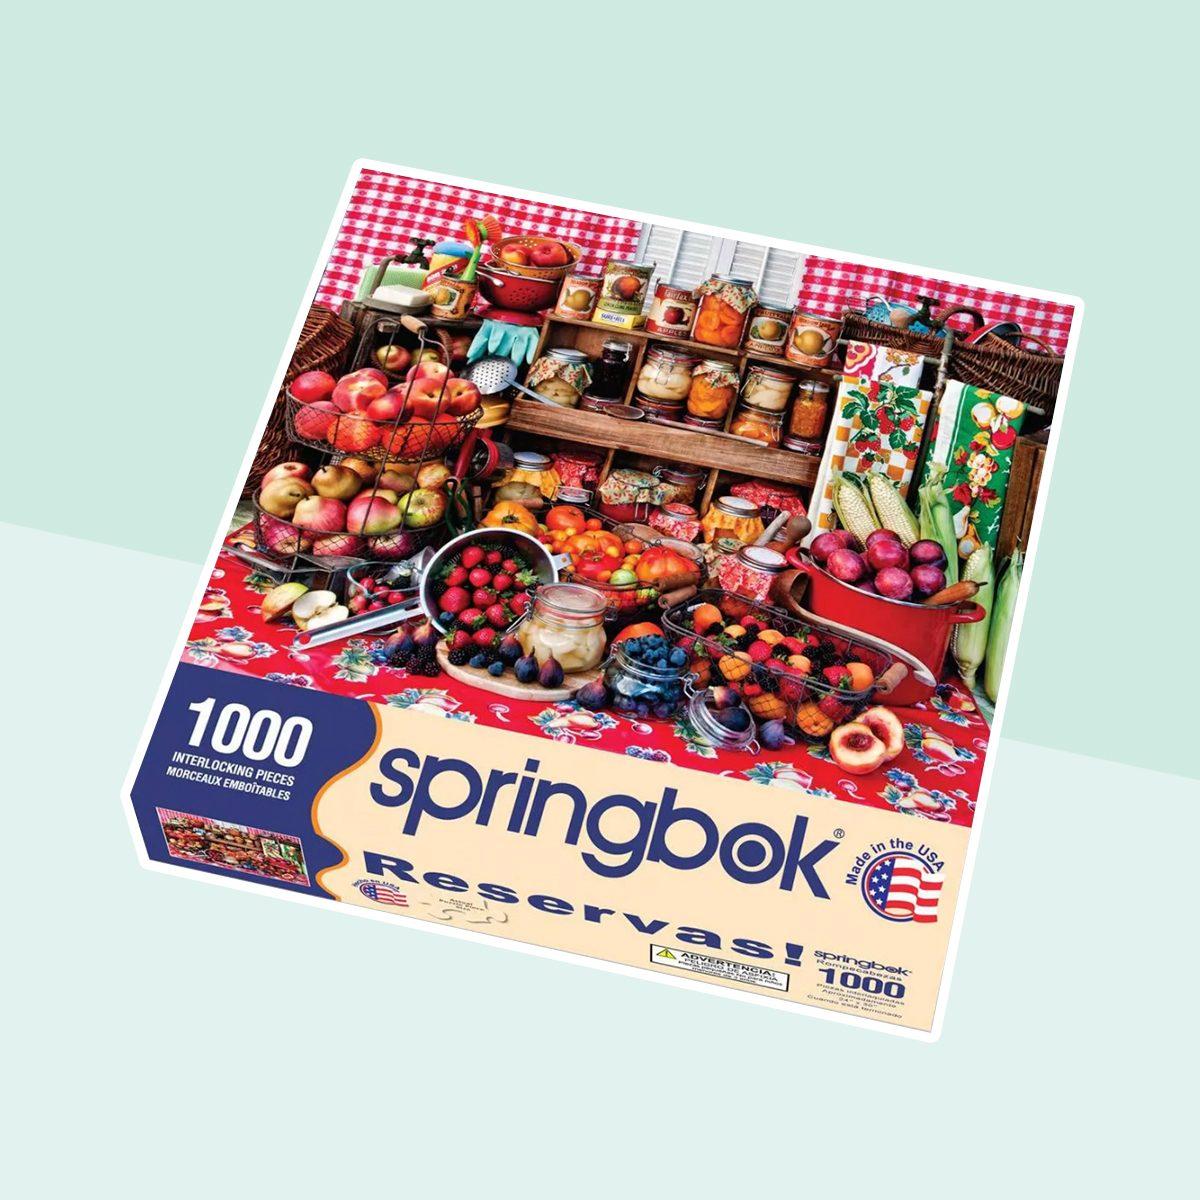 Springbok Pre-Serves! Puzzle 1000pc